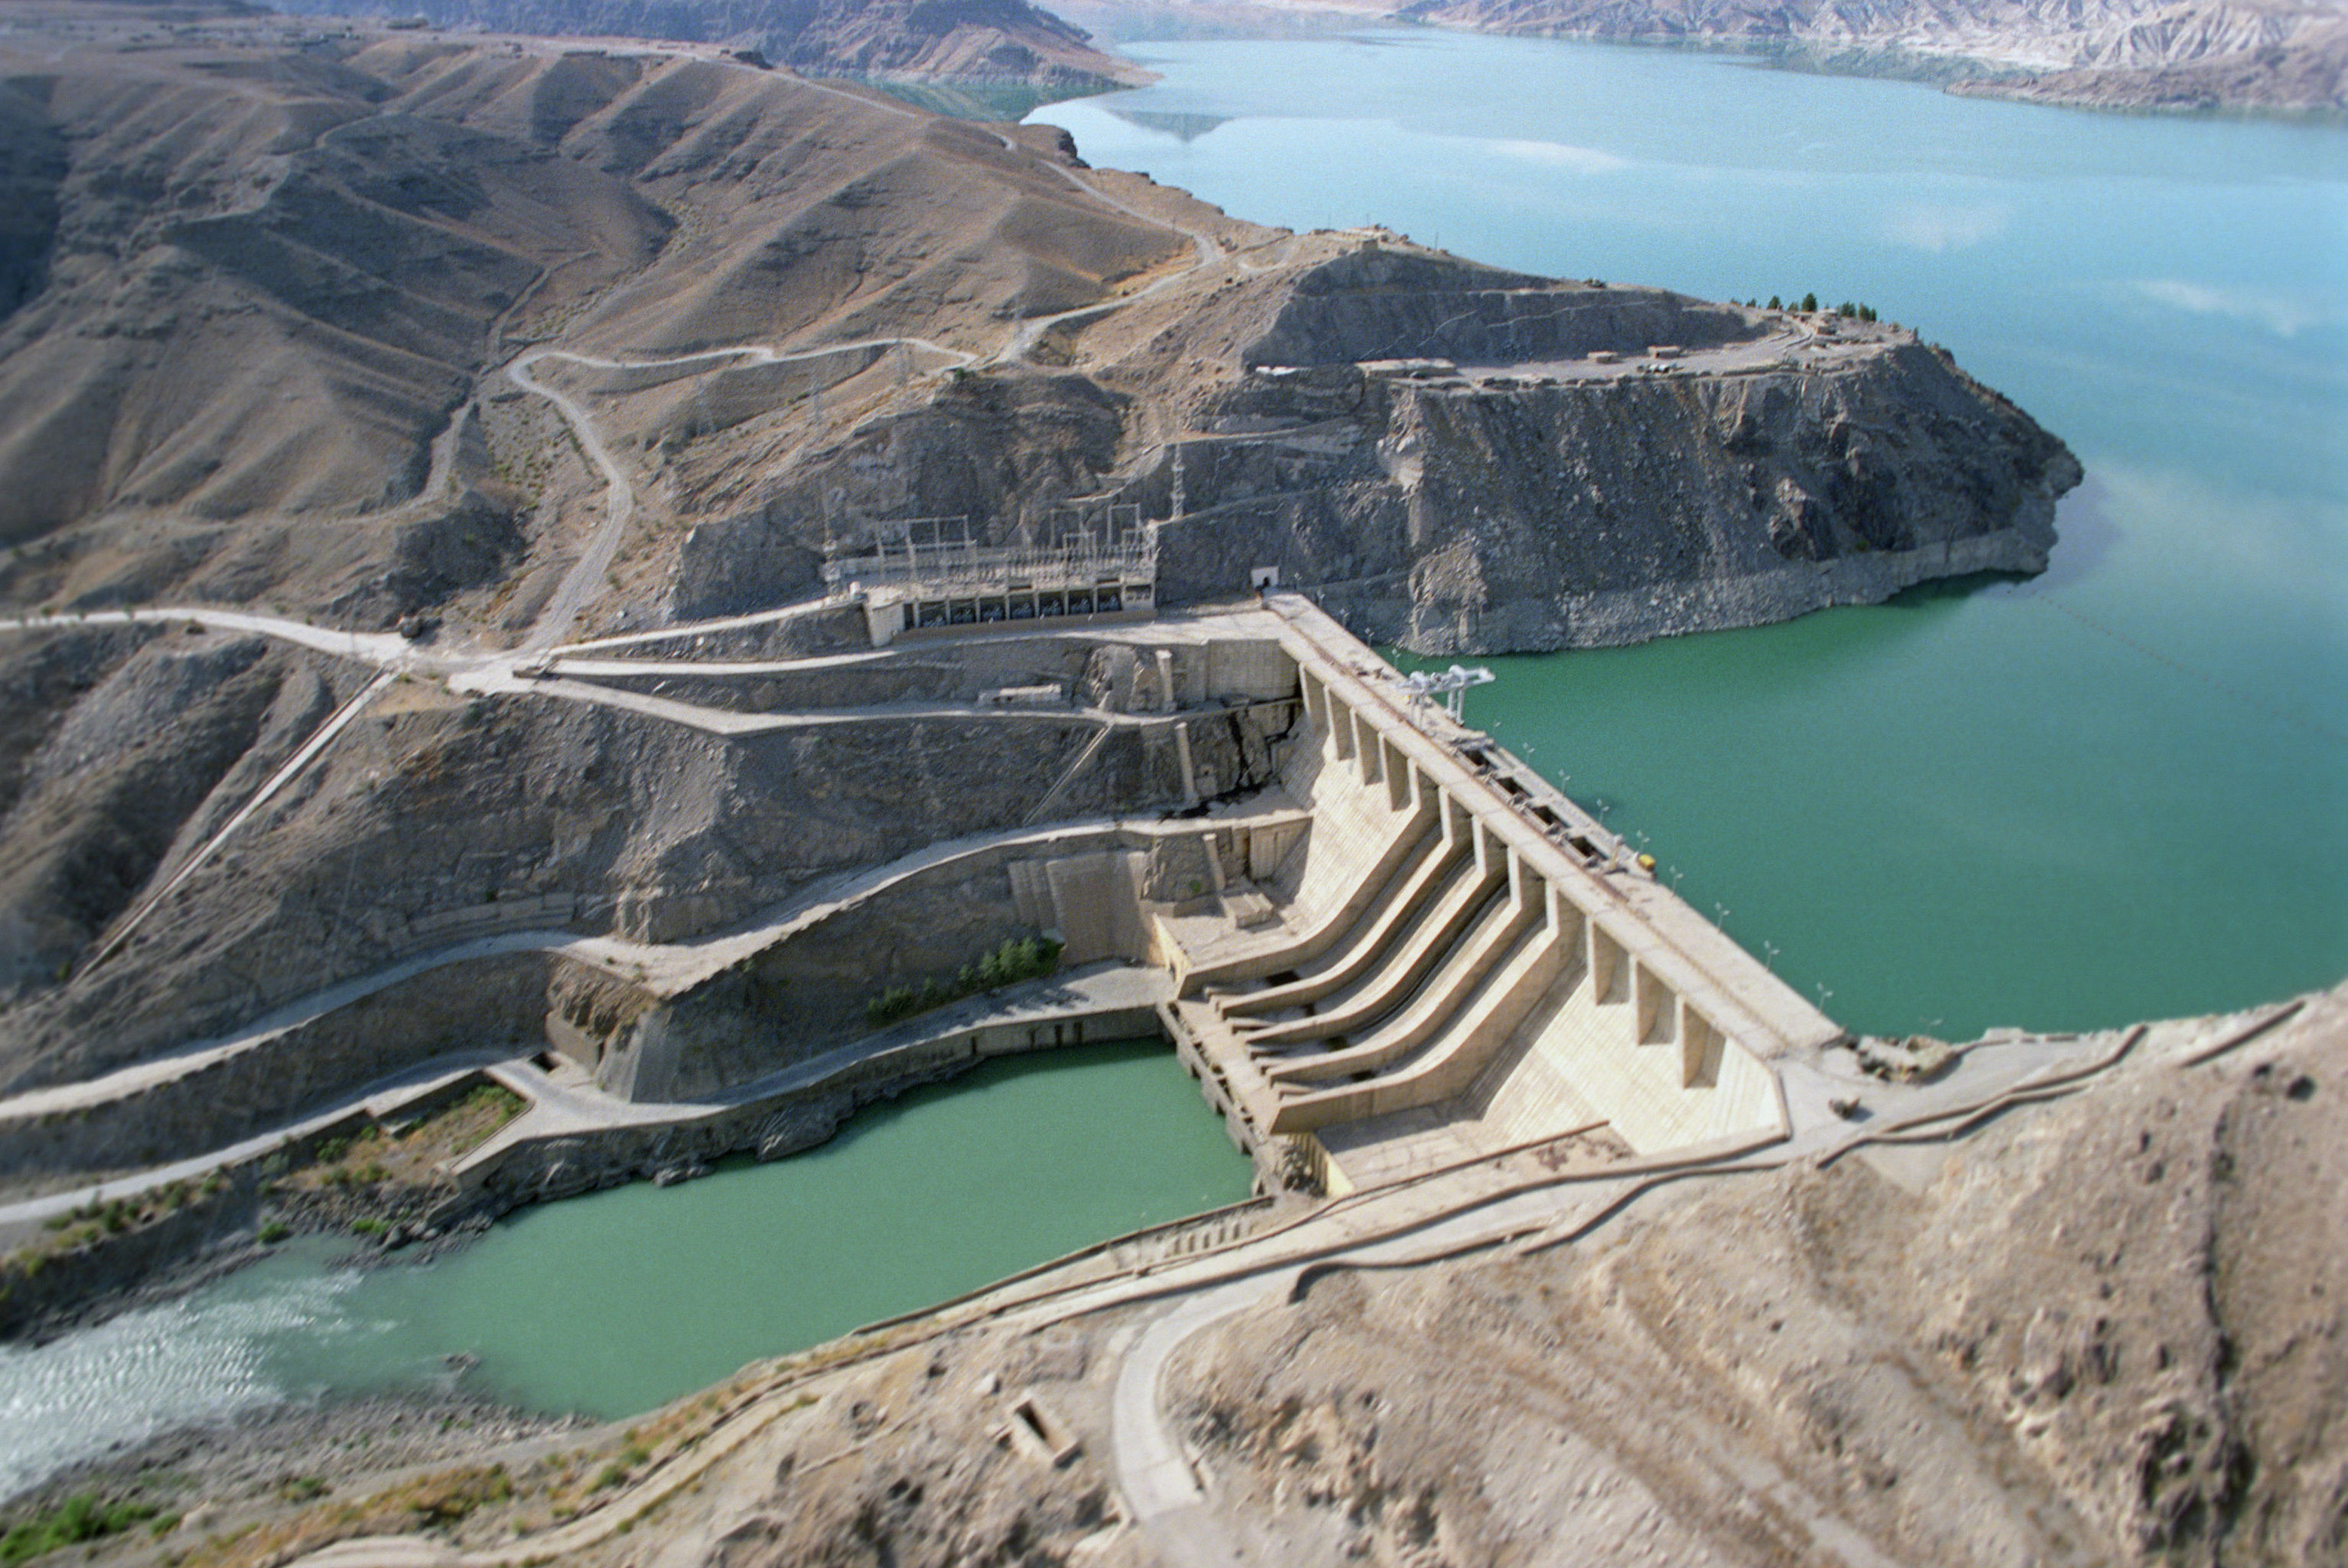 Плотина и ГЭС Наглу, построенные при техническом содействии СССР В. Киселев Sputnik